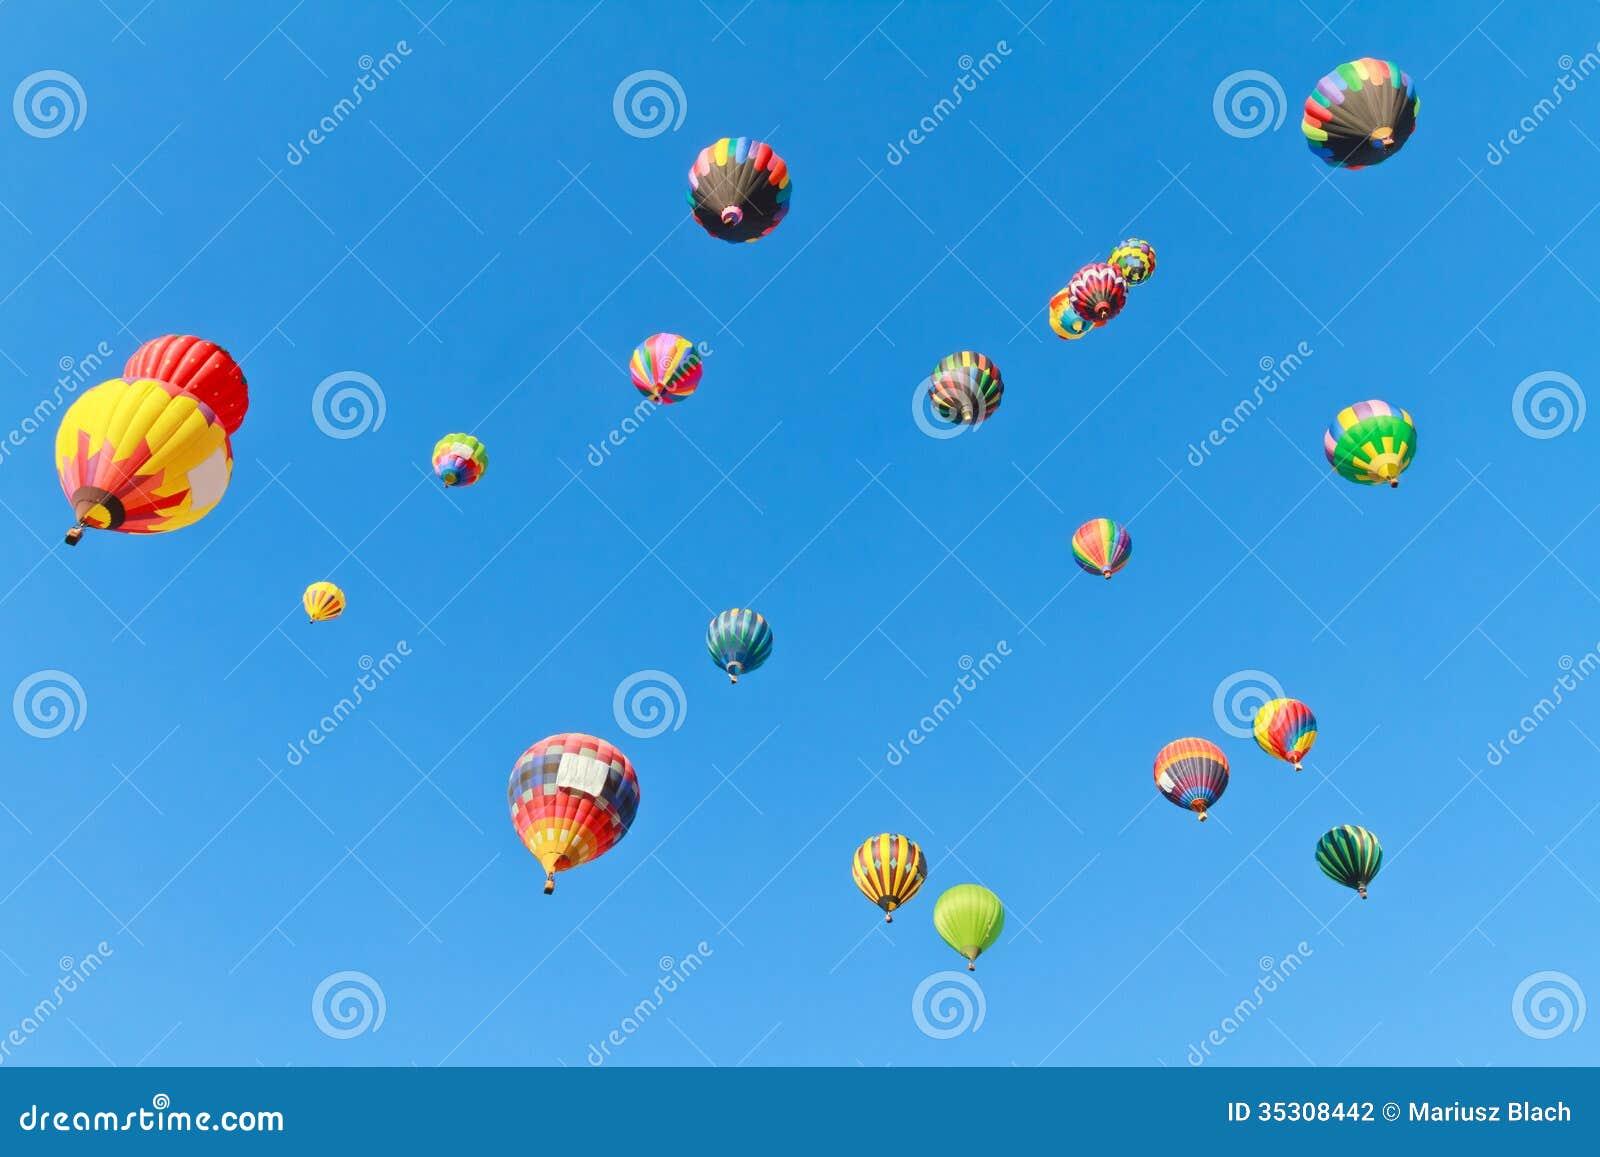 Hot air balloons fiesta